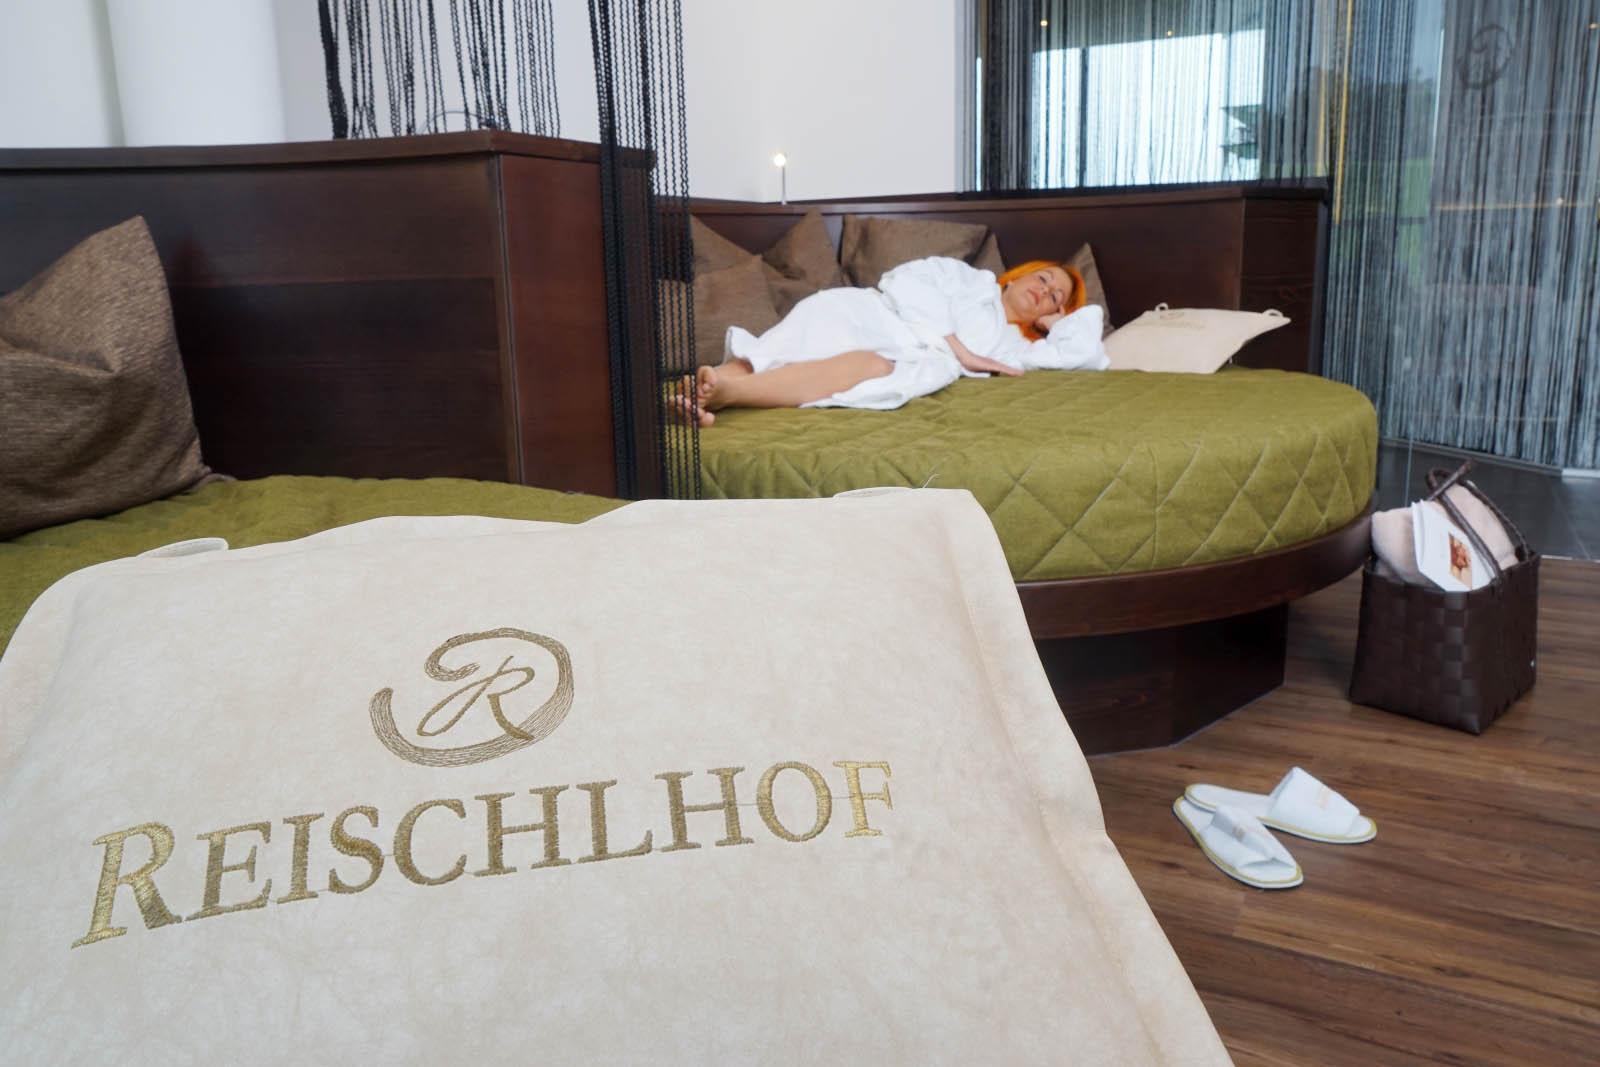 Full Size of Runde Betten 4 Sterne Superior Wellness Hotel Passau Niederbayern Hülsta Teenager Jabo Flexa Kopfteile Für Ebay 180x200 Ikea 160x200 Japanische Boxspring Bett Runde Betten